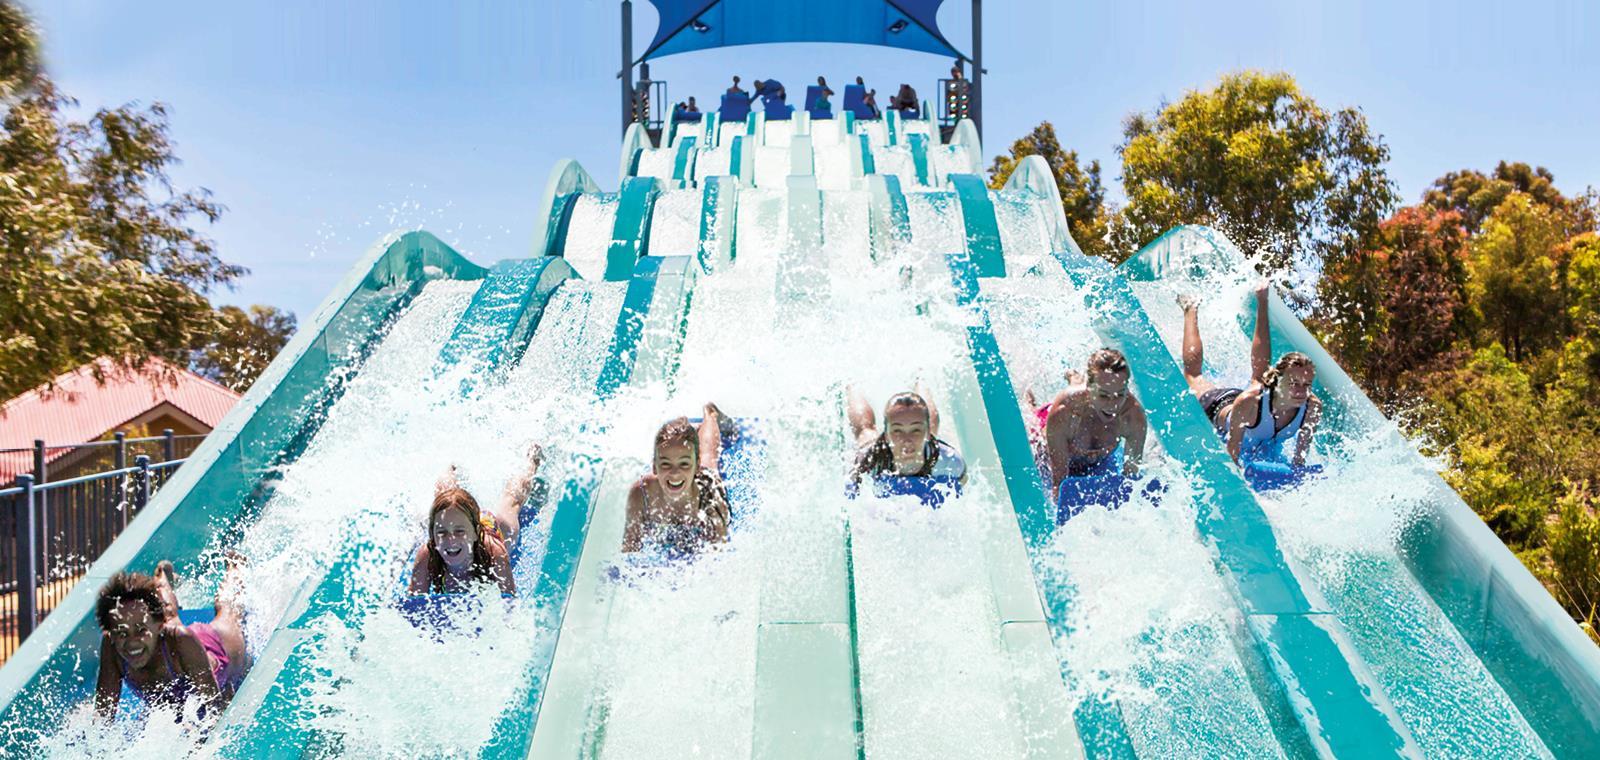 Adventure Park Geelong Victoria S Biggest Water Park